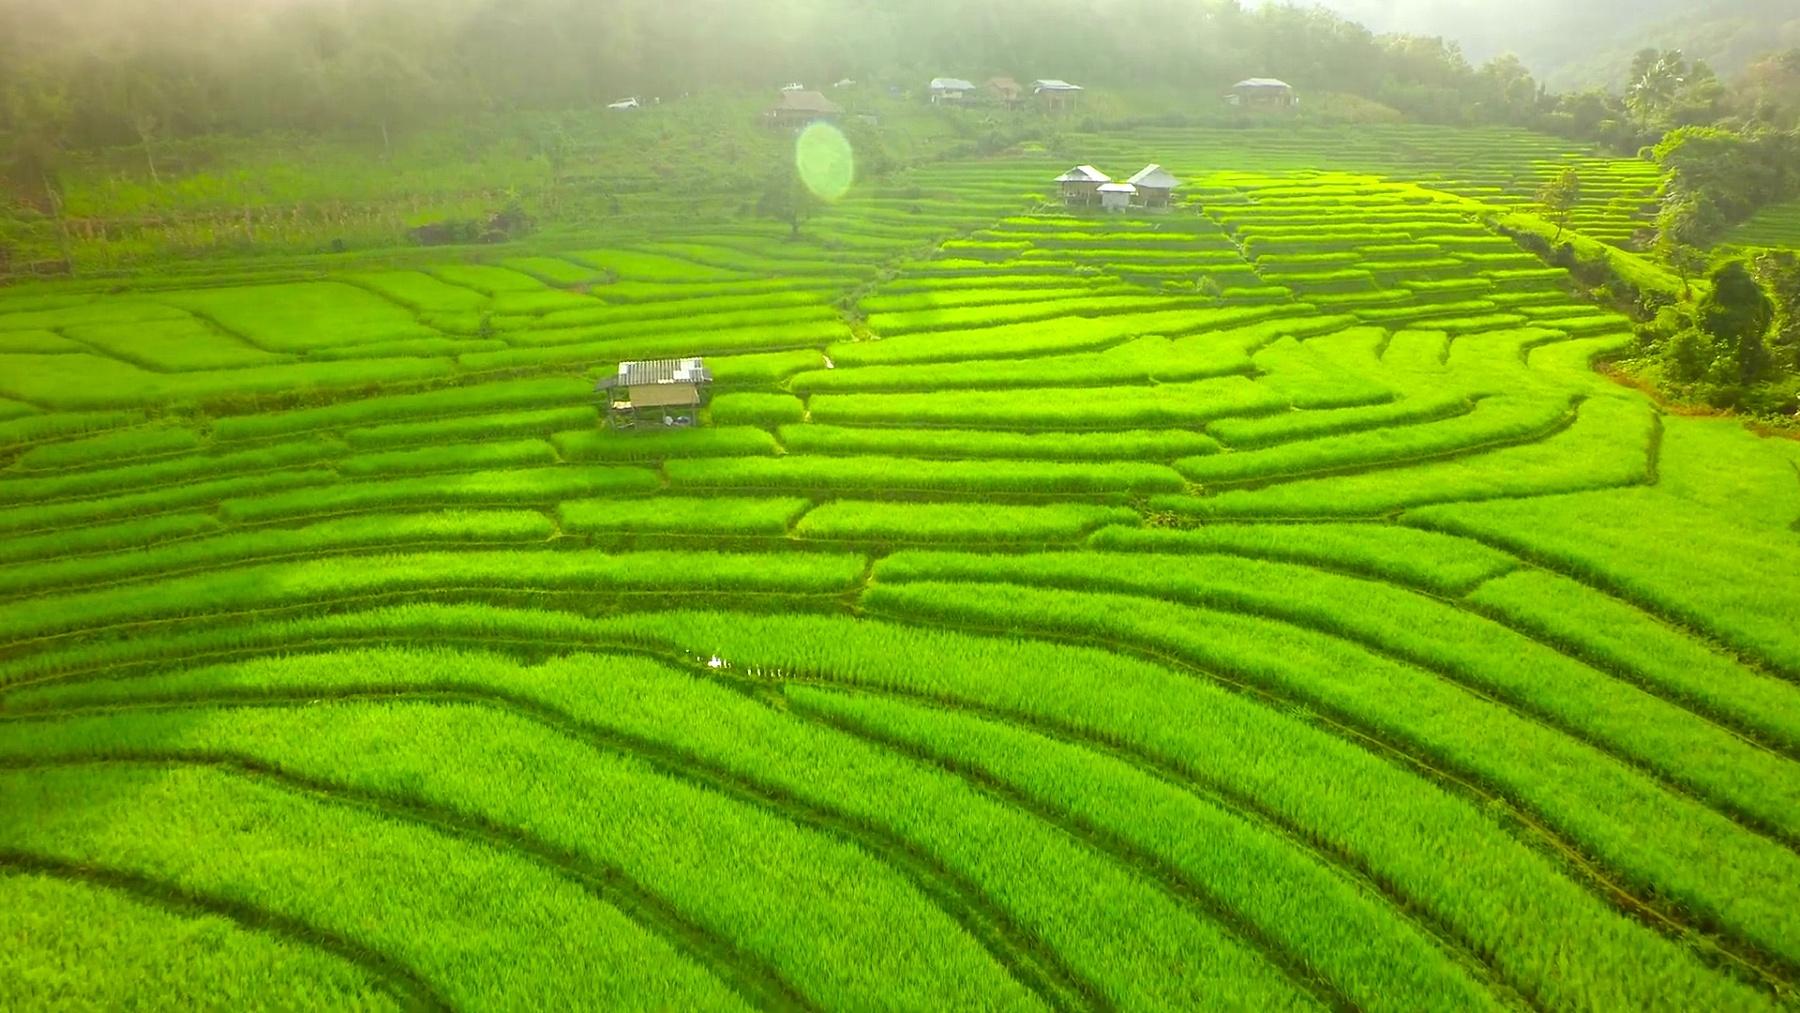 泰国北部的水稻梯田空中拍摄。